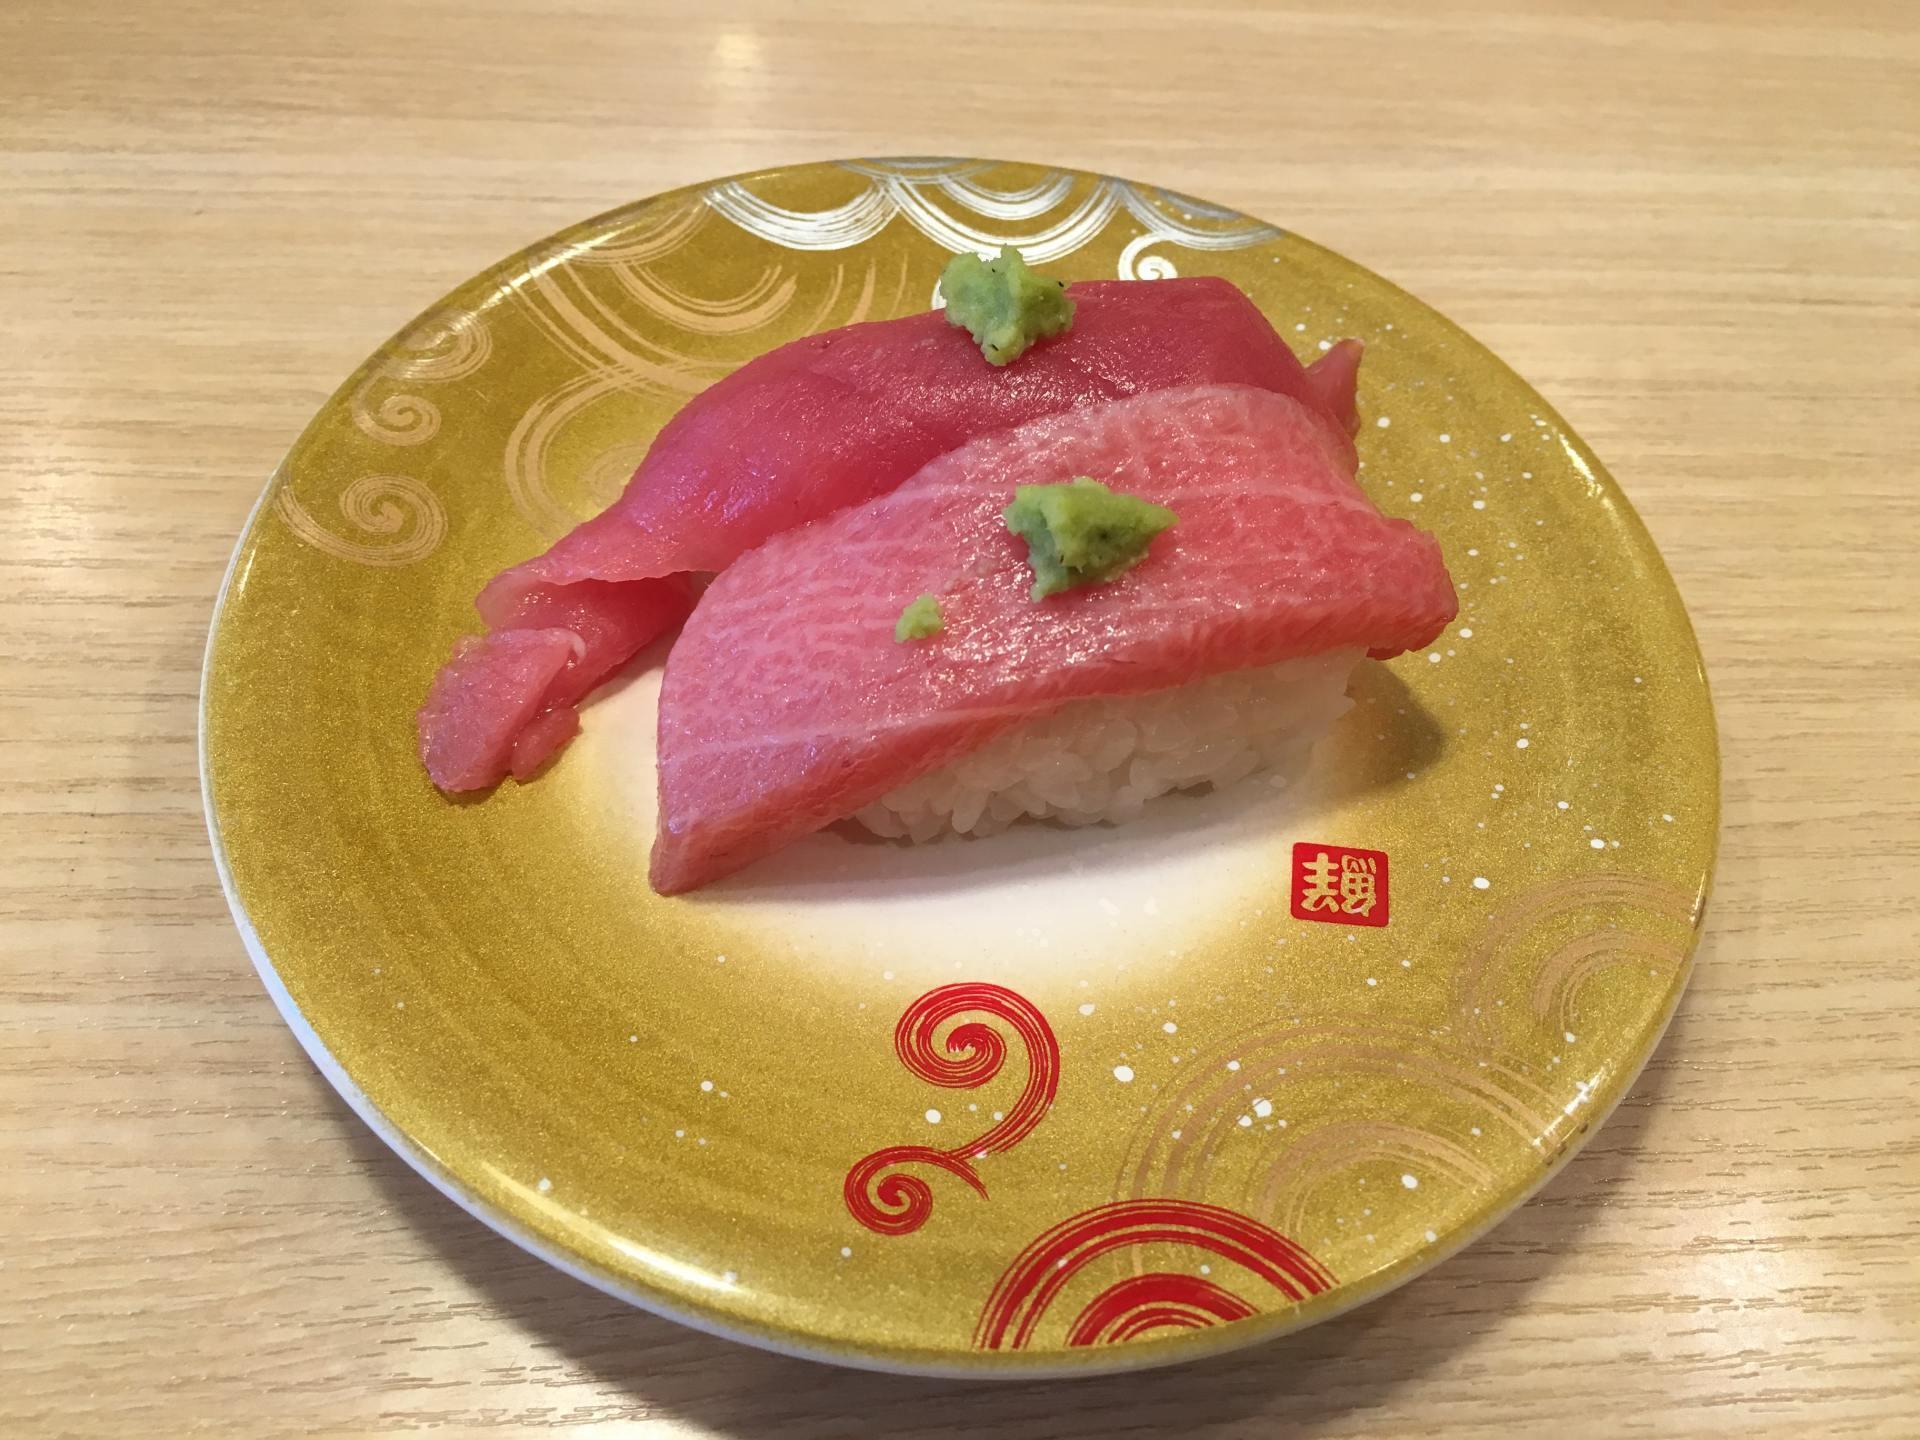 肉多脂厚的鮪魚(190日圓)